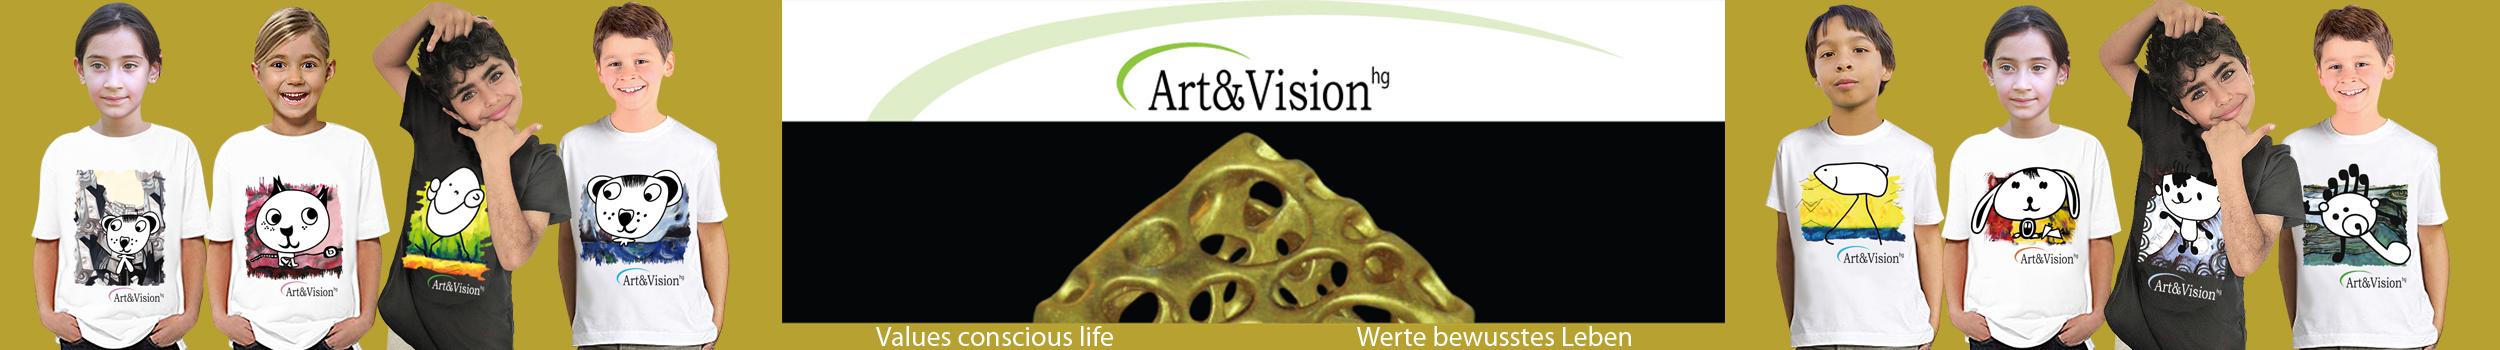 Art-Vision hg Kids Shop